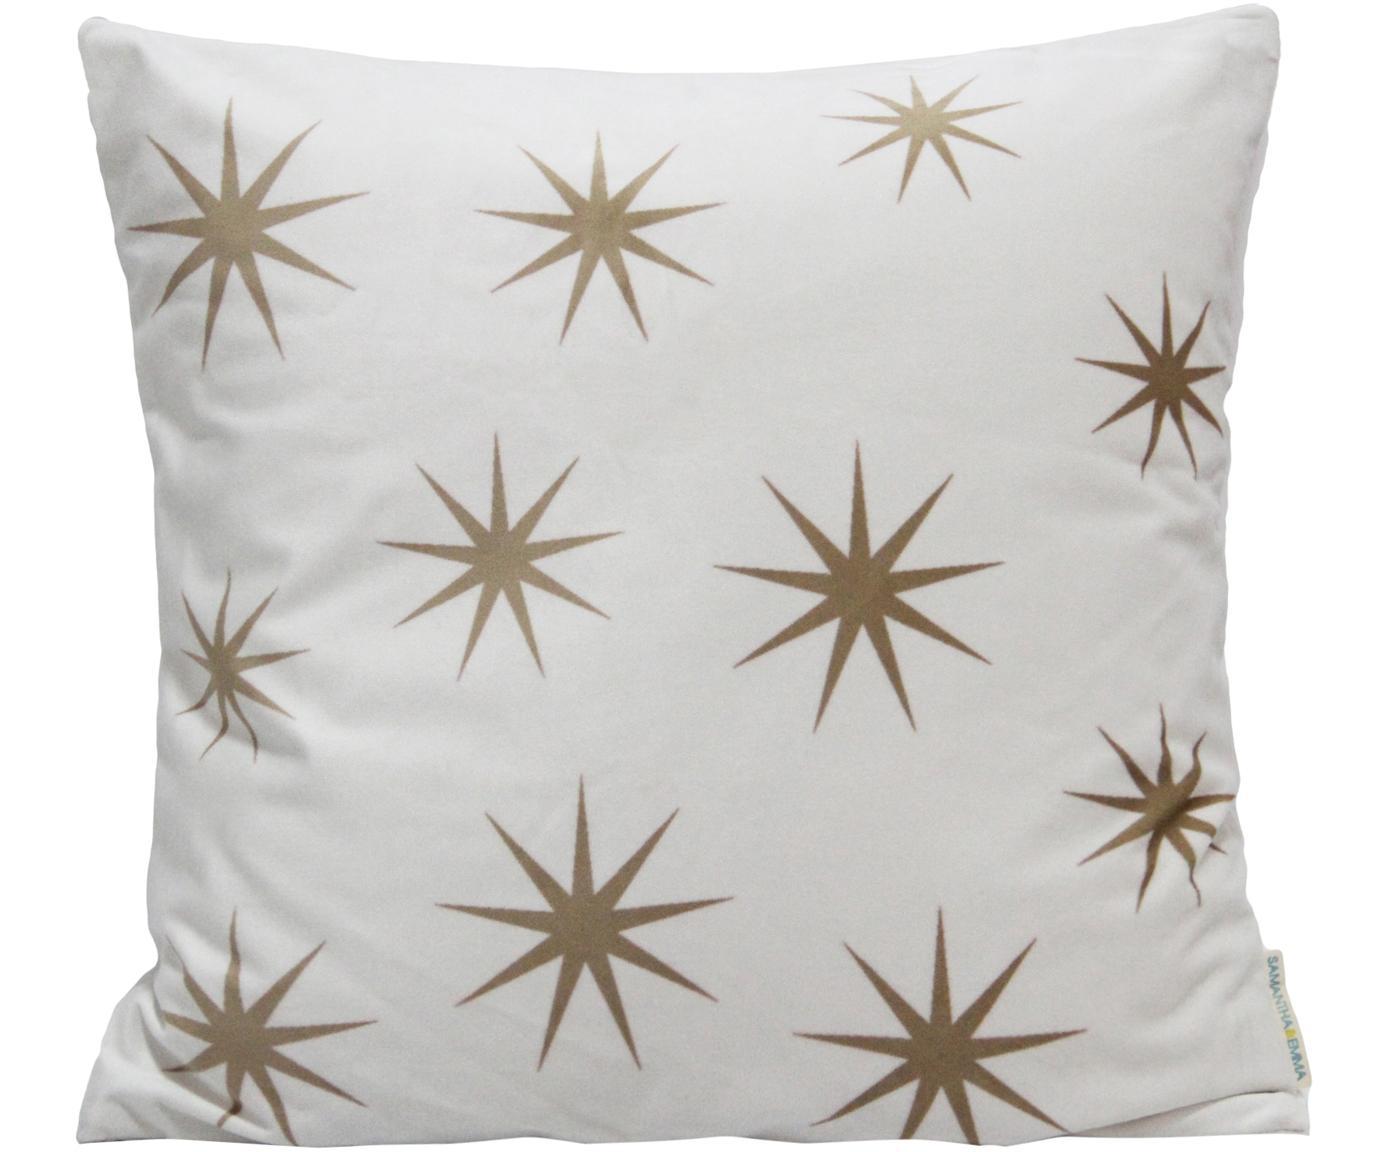 Samt-Kissenhülle Stars mit goldenem Sternen Print, Polyestersamt, Weiß, Braun, 45 x 45 cm